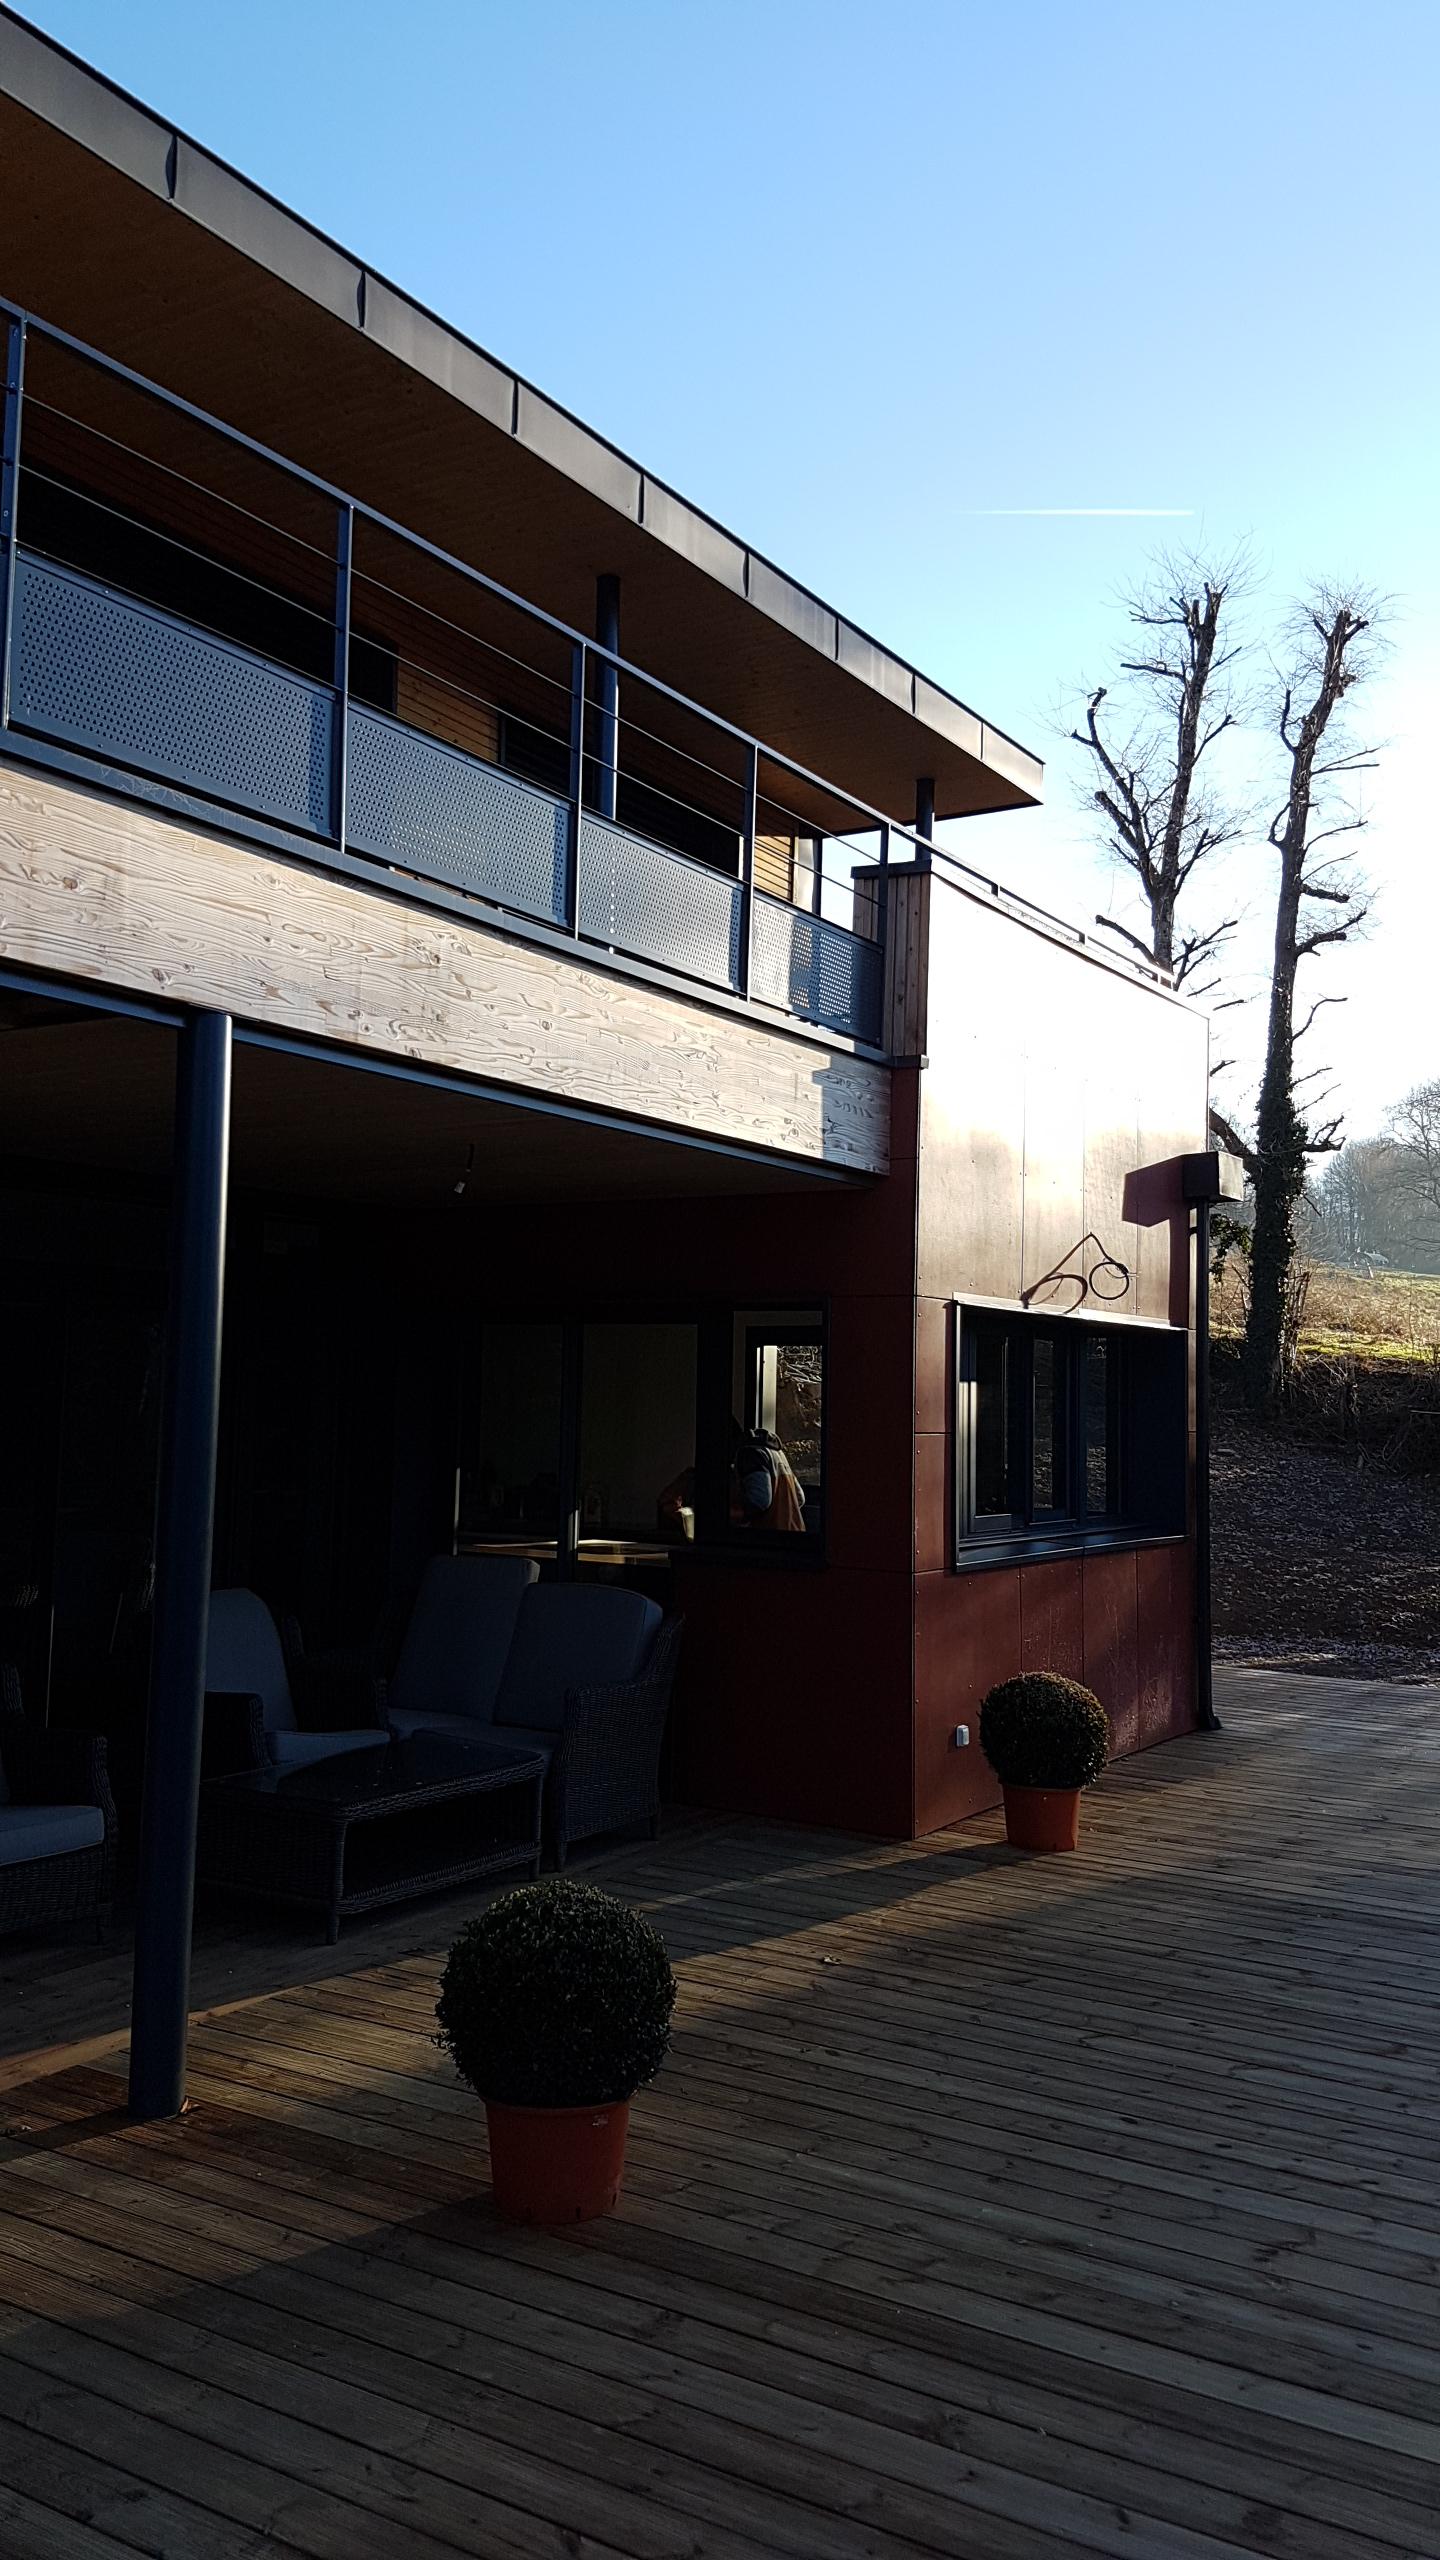 Maison g pierrefitte 19 vincent souffron architecte for Cout construction maison individuelle rt 2012